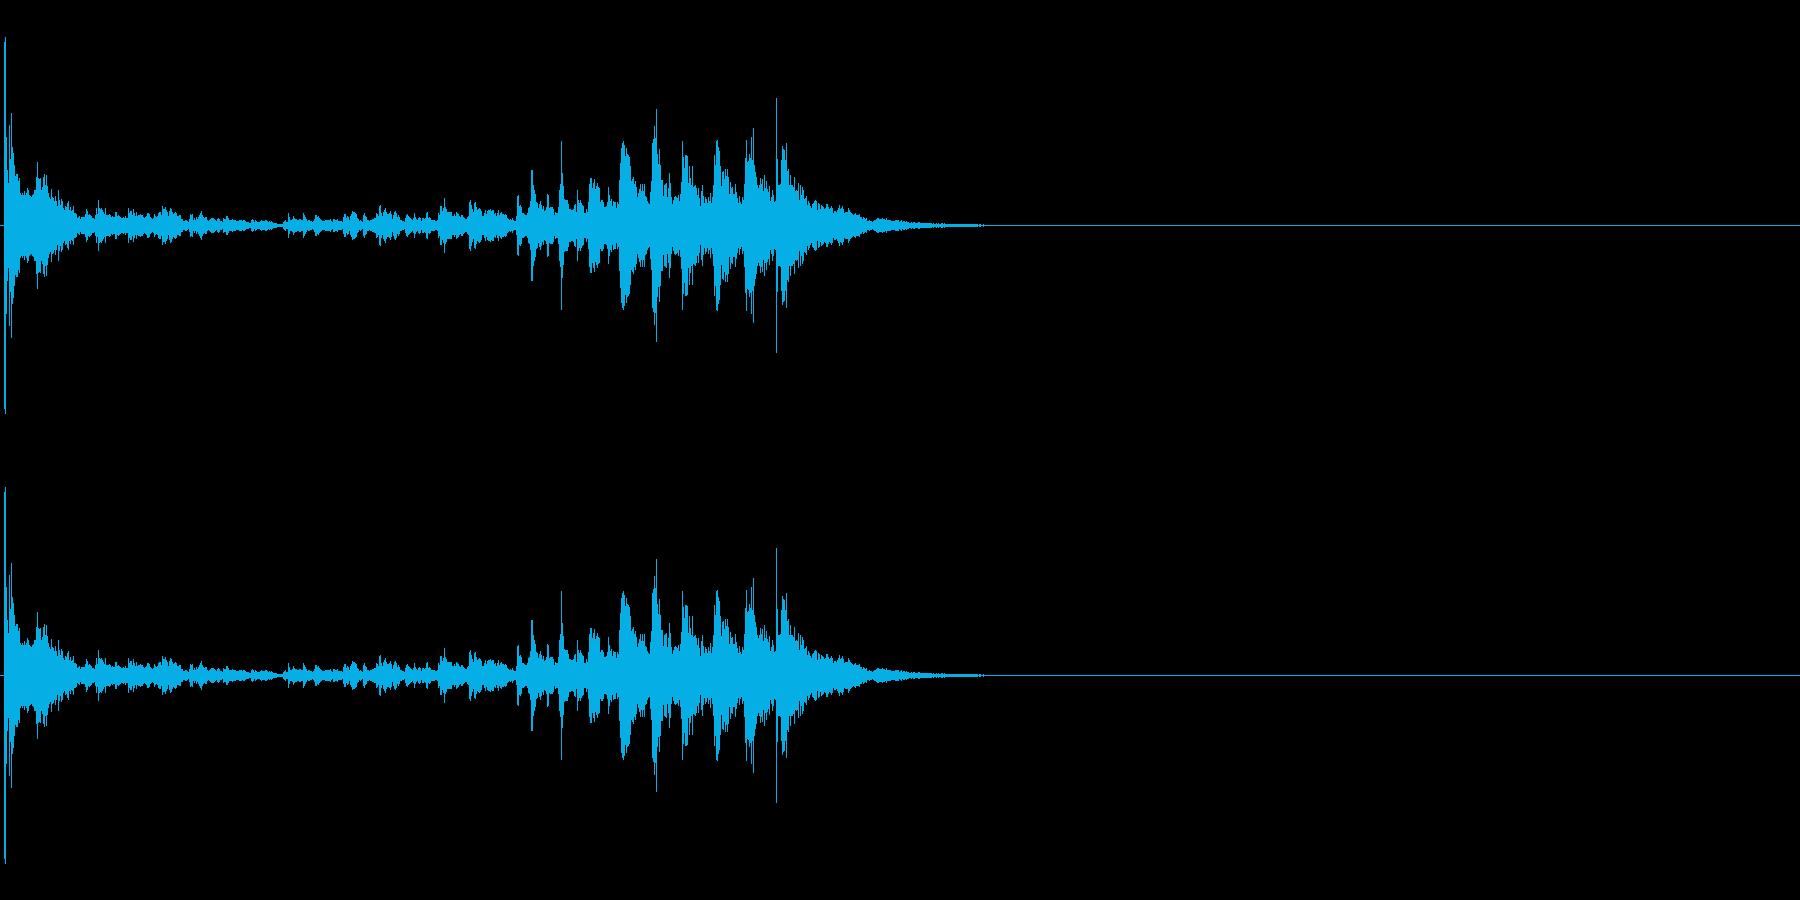 生演奏 琵琶 武士 和風 古典風#17の再生済みの波形